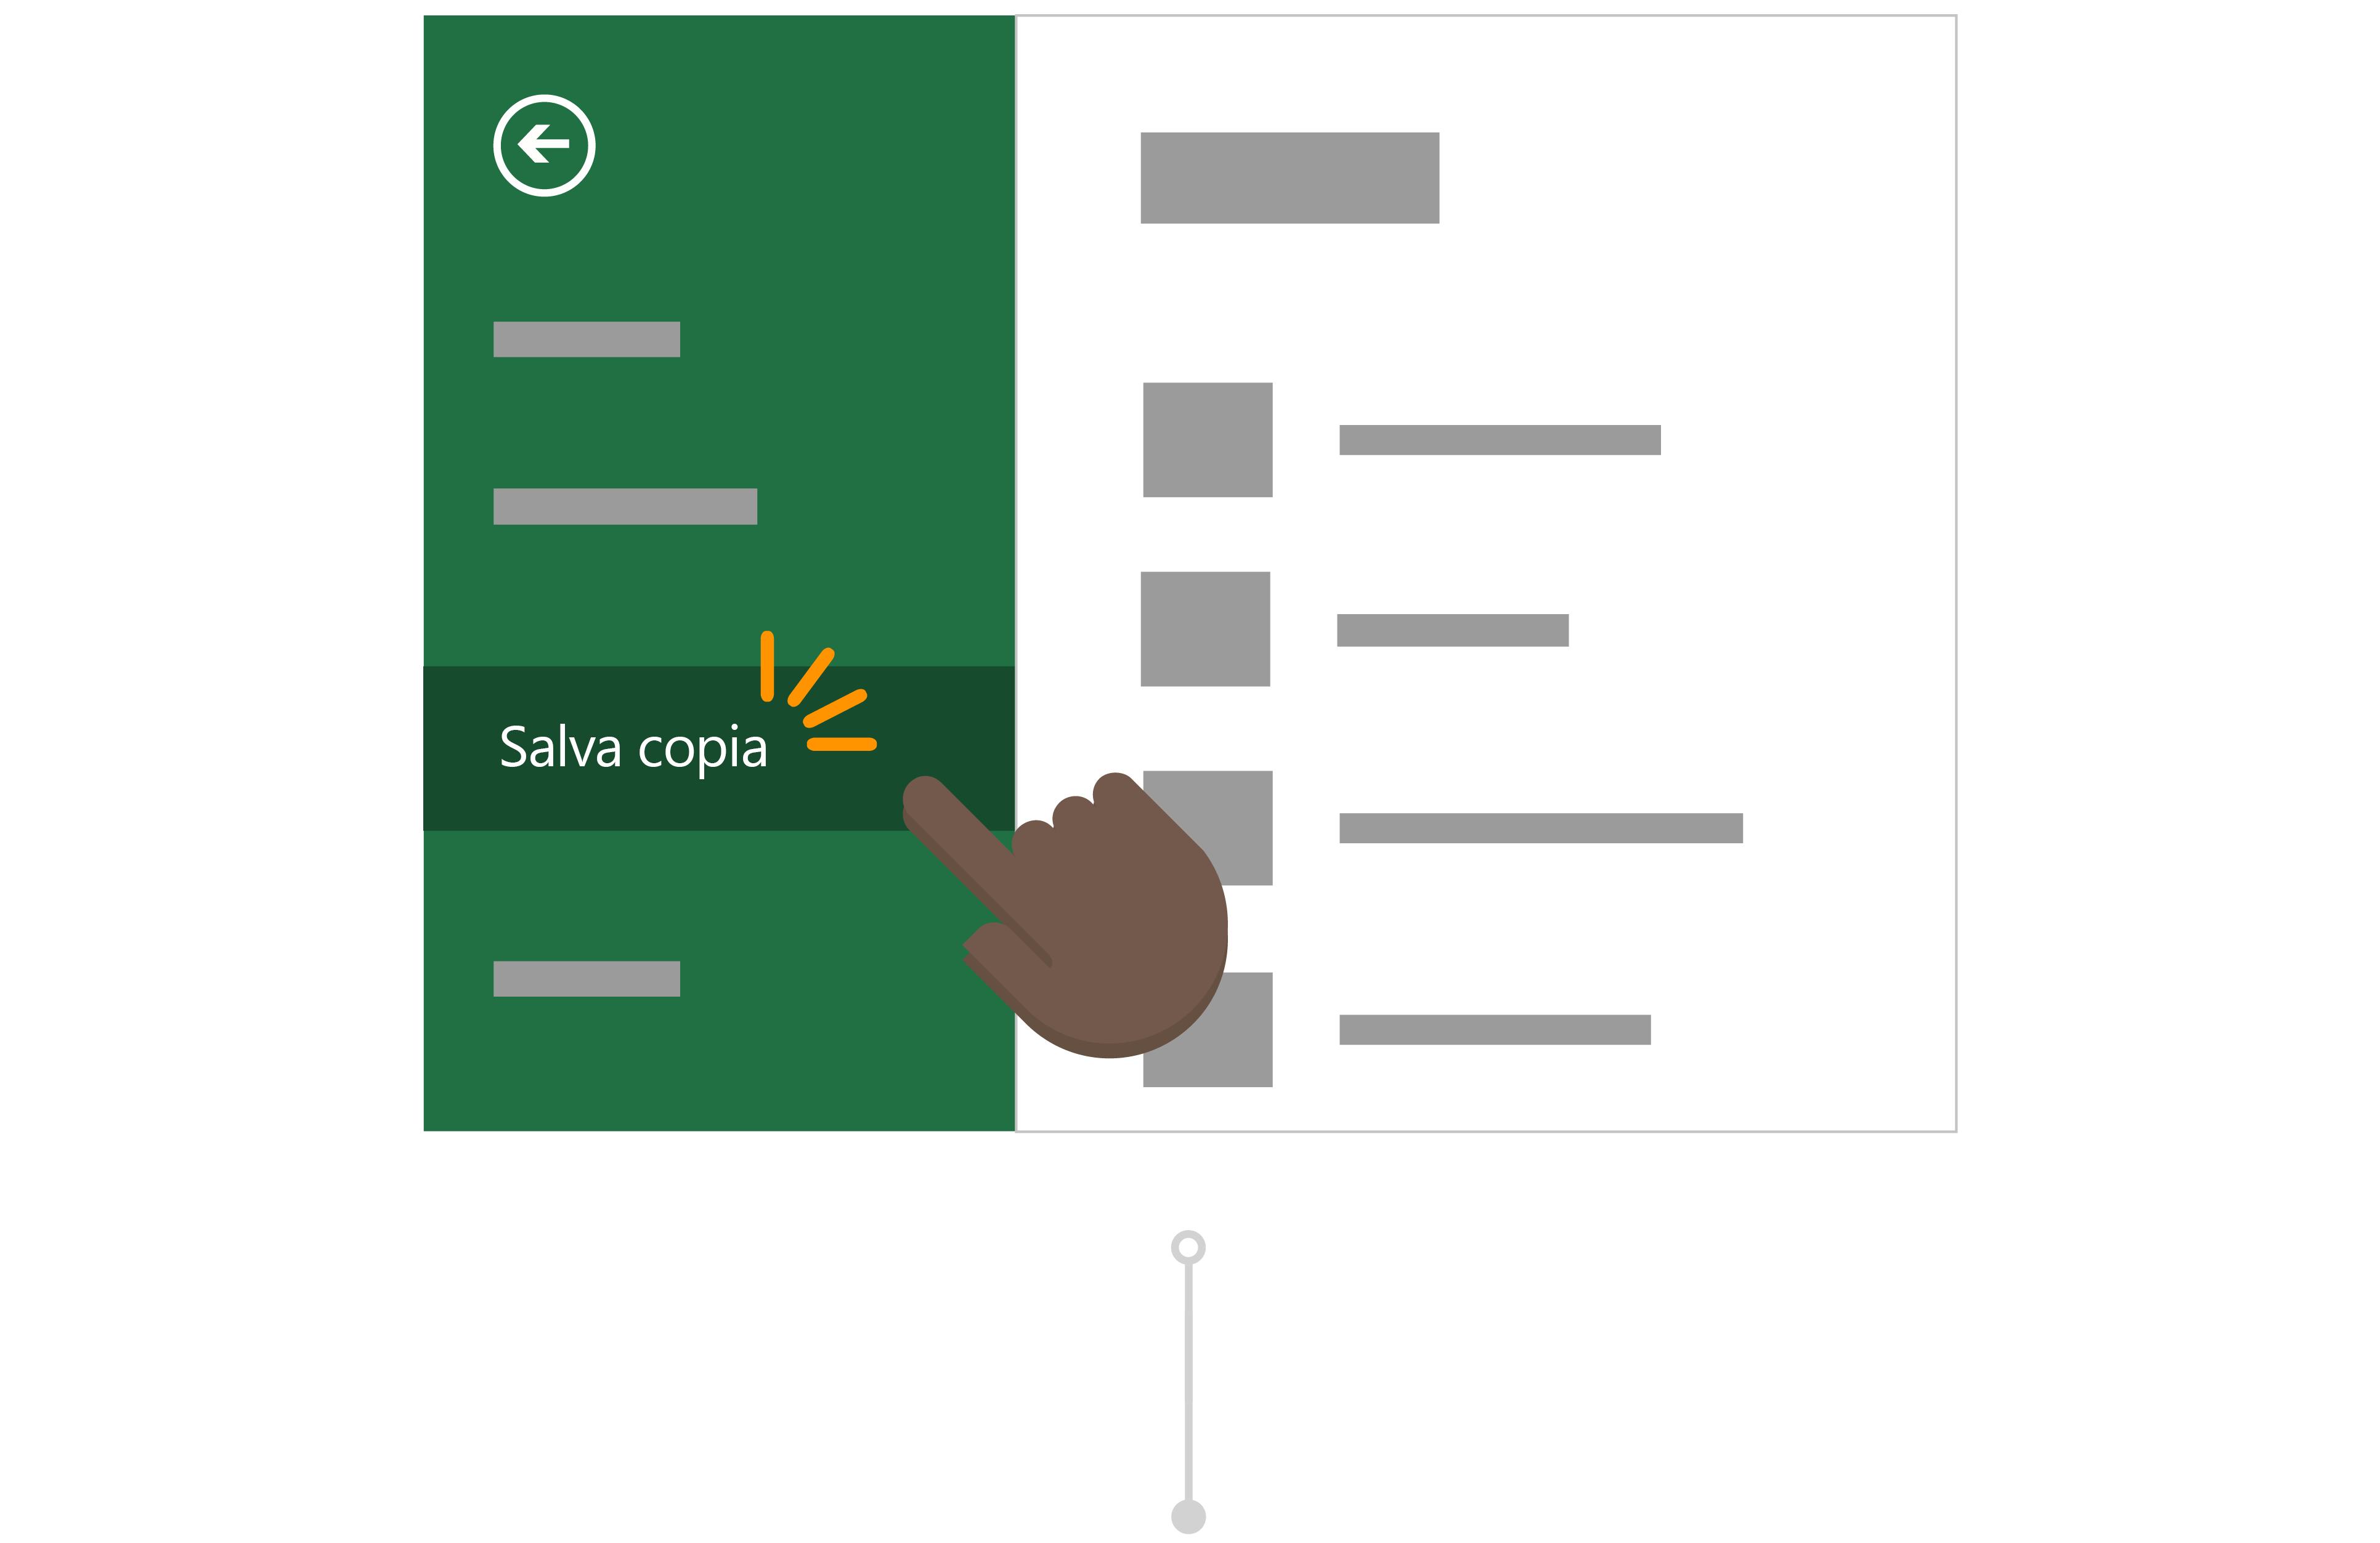 Todd USA salva una copia per salvare la propria versione del report nel proprio OneDrive.